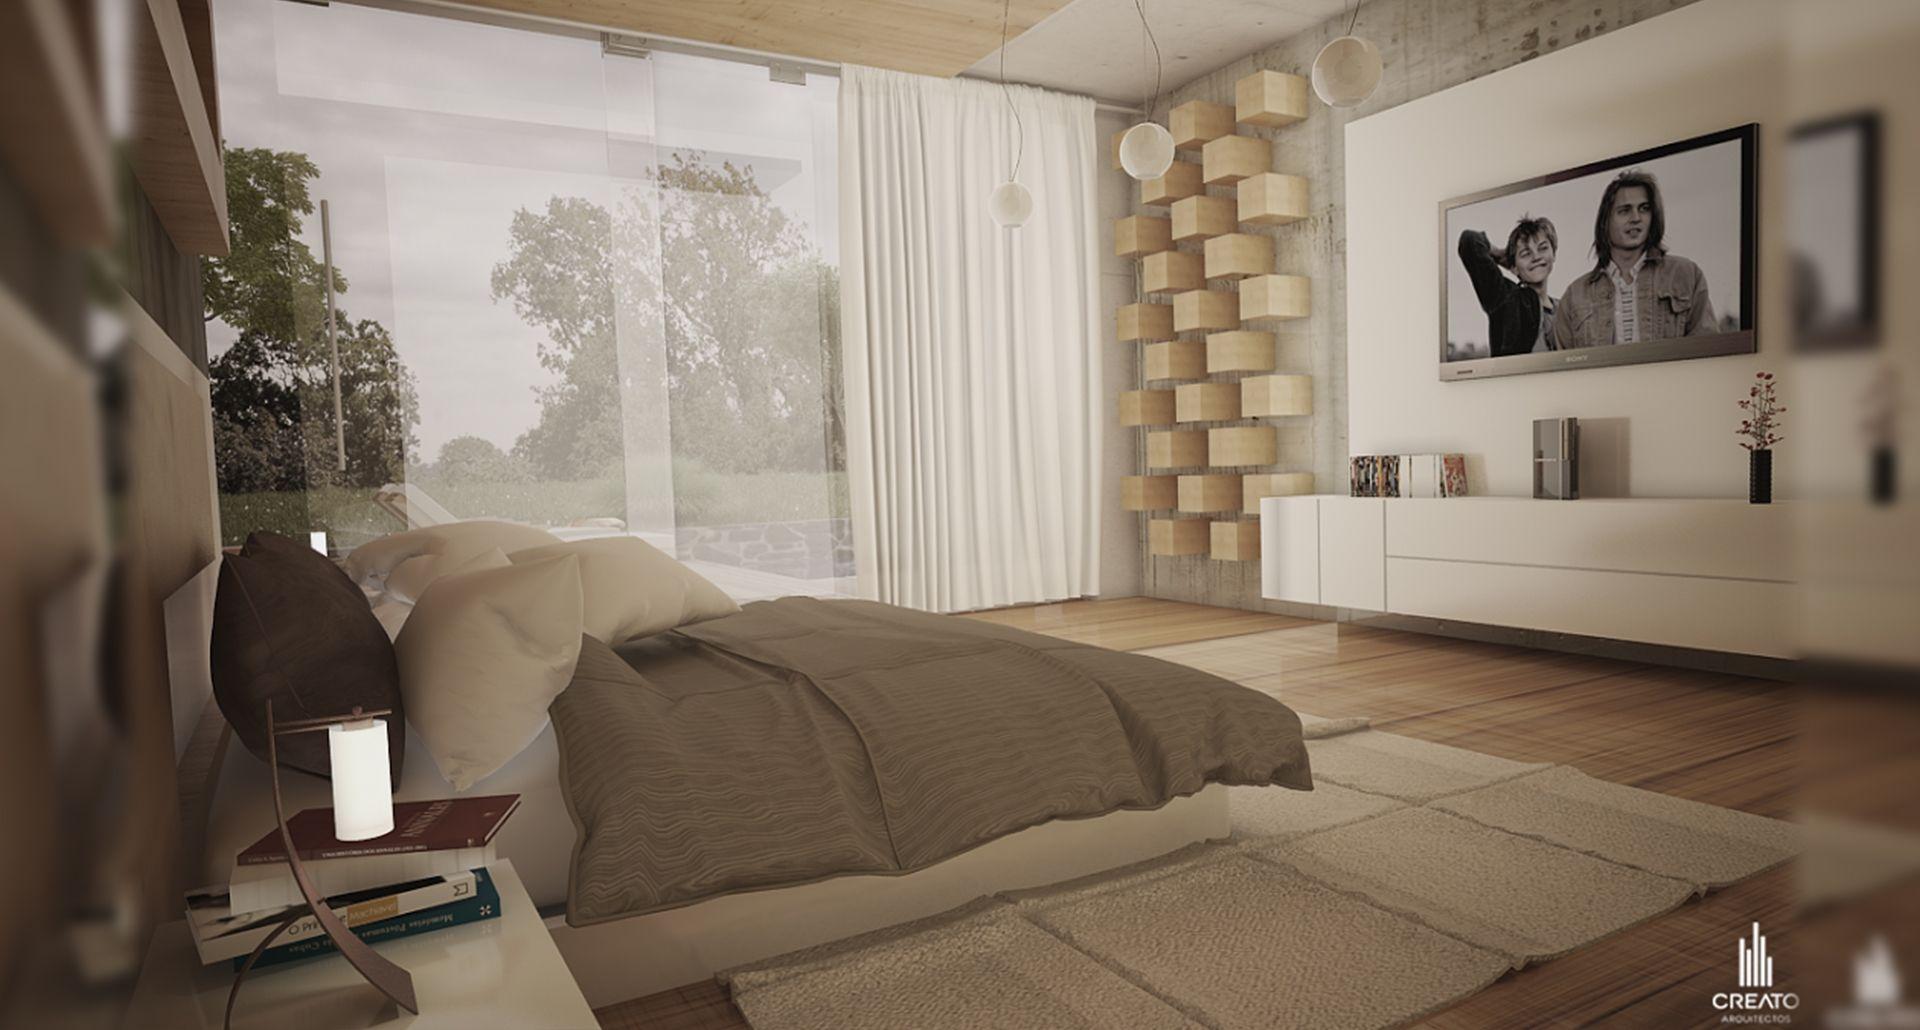 Palomar Cedros Guadalajara M Xico Creato Arquitectos  # Muebles Peyan Guadalajara